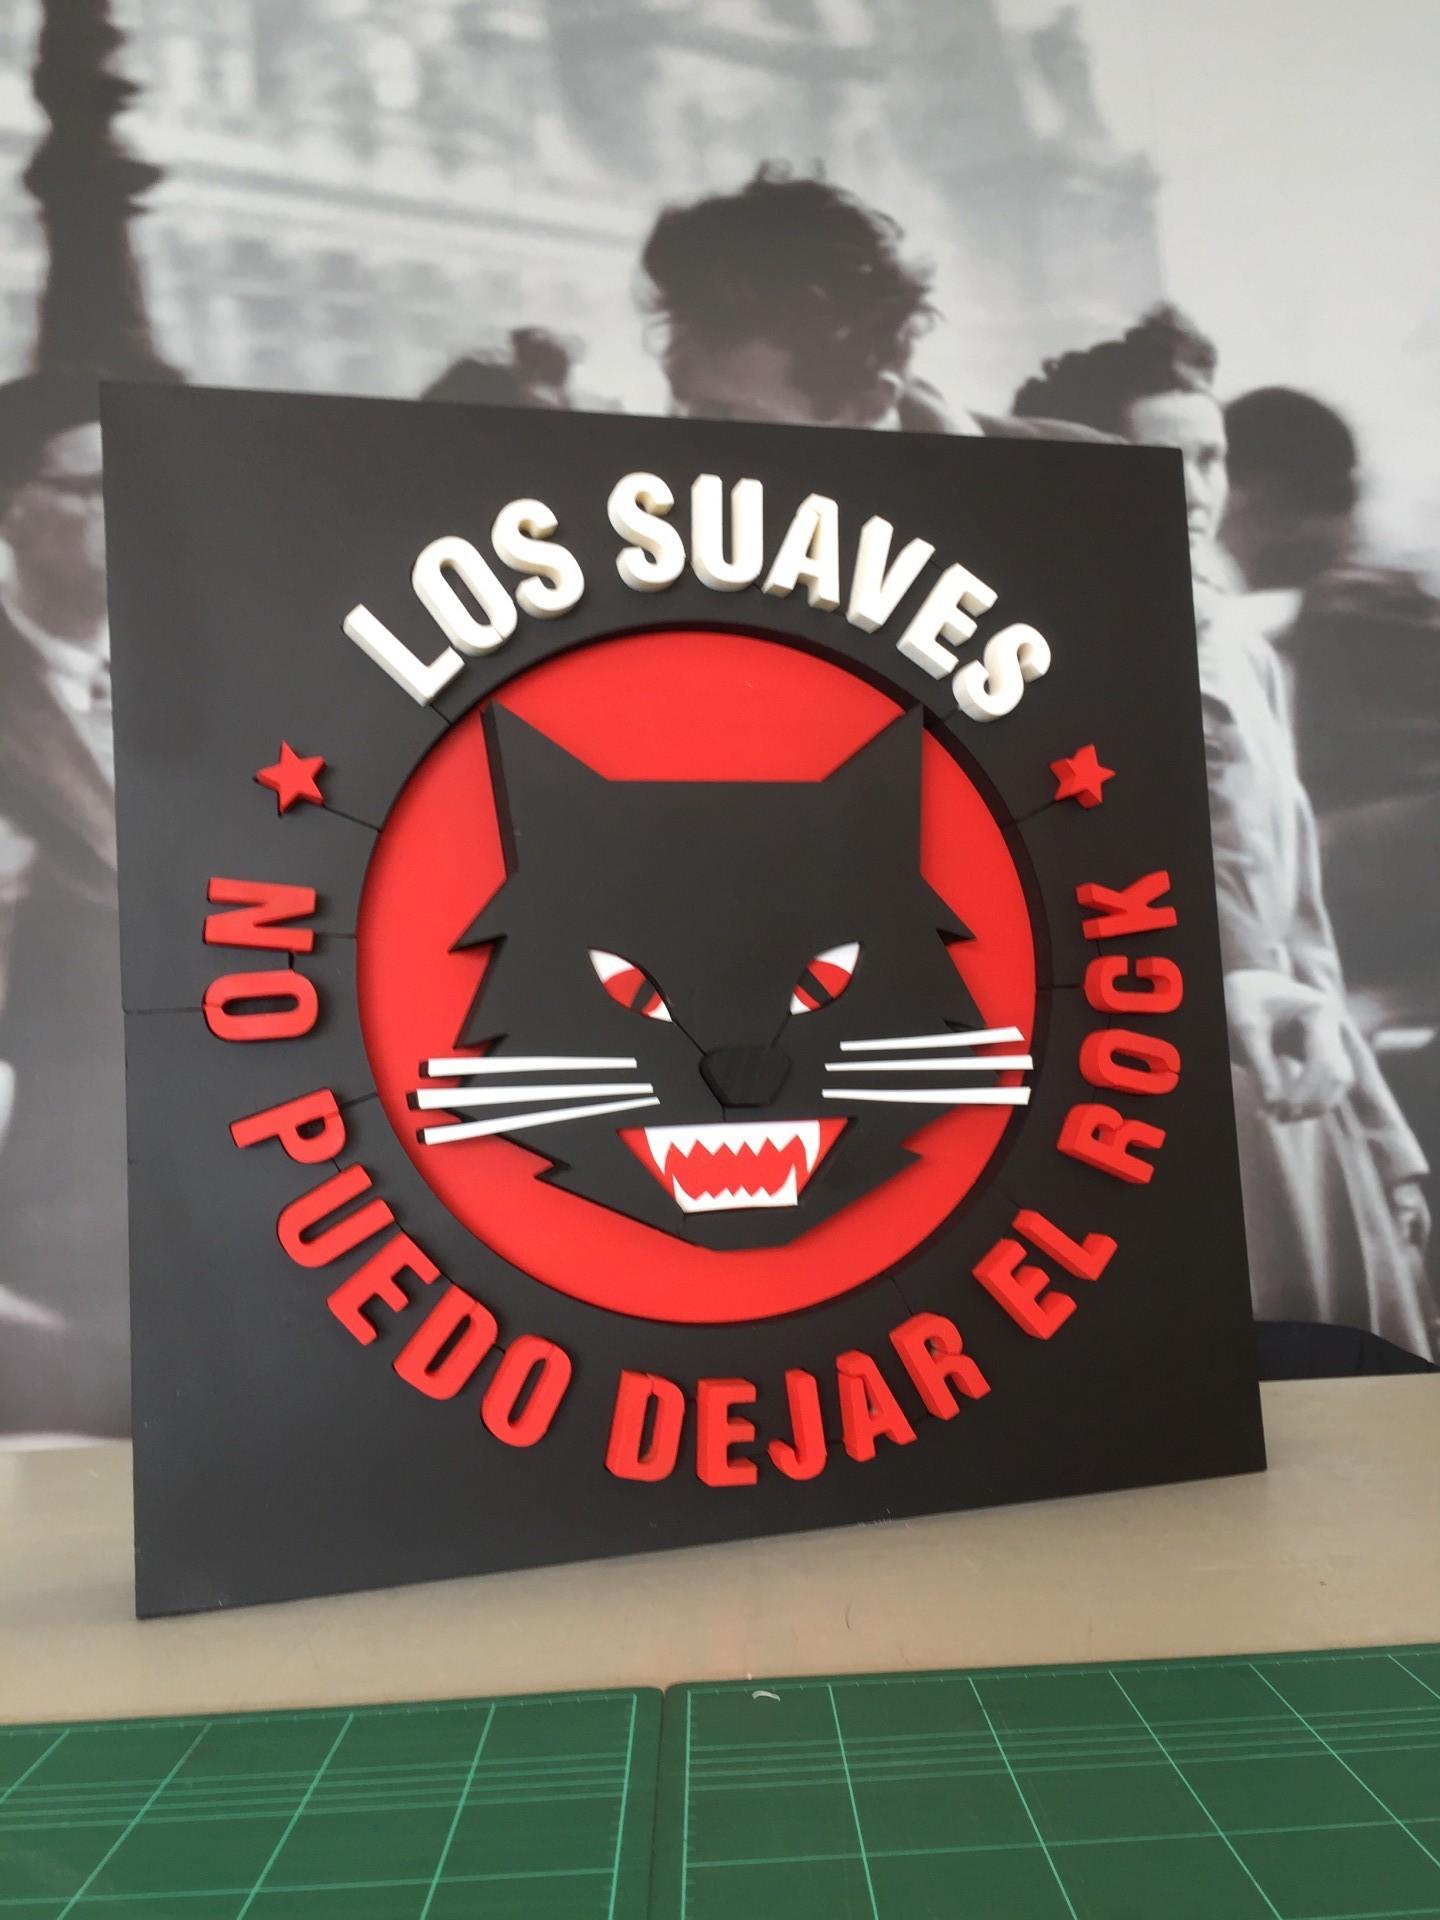 suaves_lossuaves_musica_logo_cartel_poliestireno_letrero_regalo__ESTELLA_NAVARRA_IMPRESIÓN_DISEÑO_VINILOS_ROTULACIÓN